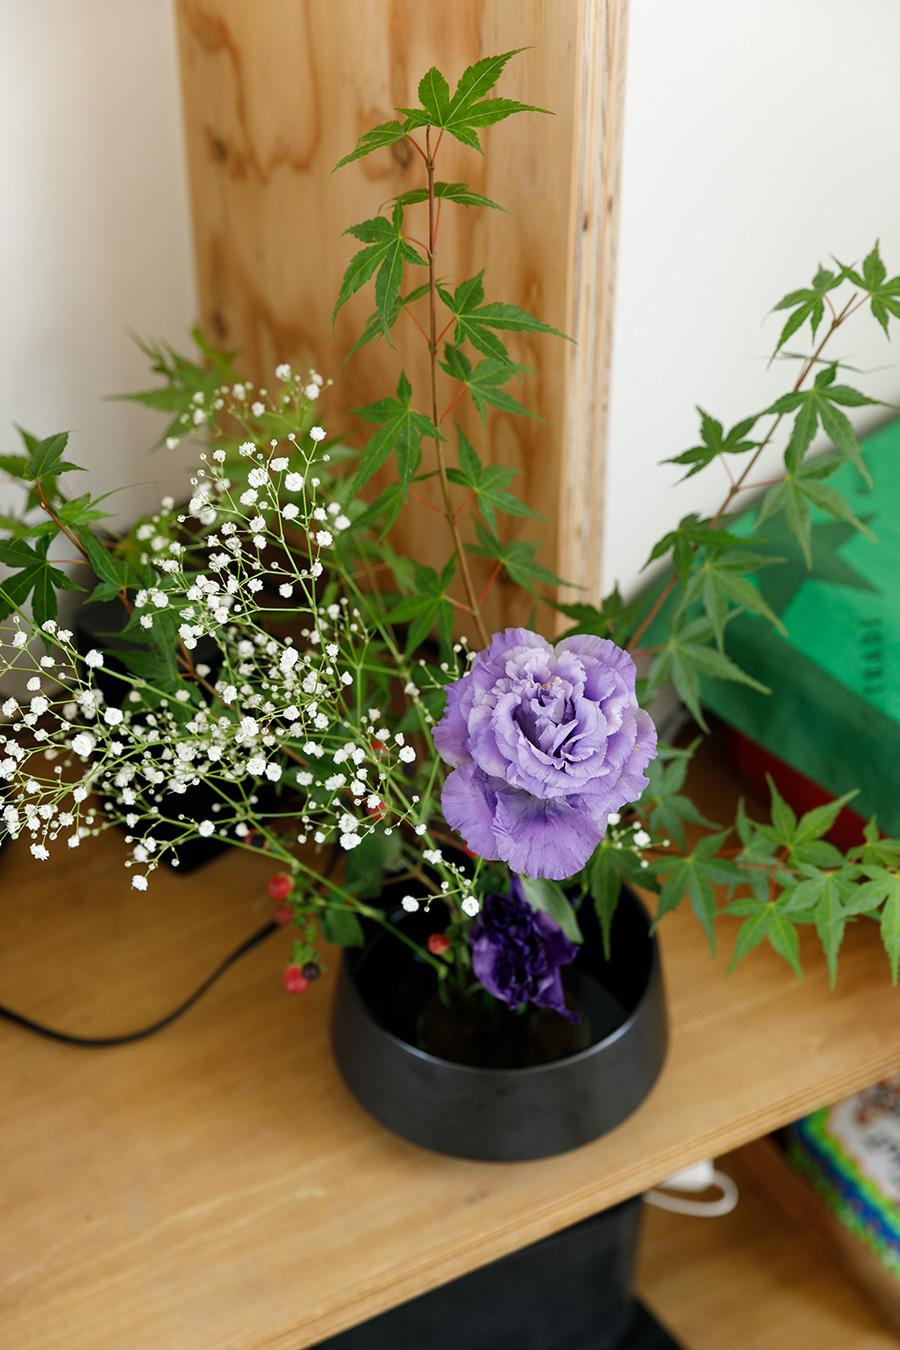 生け花をすることで、季節のうつろいを味わい深く感じるようになったという。